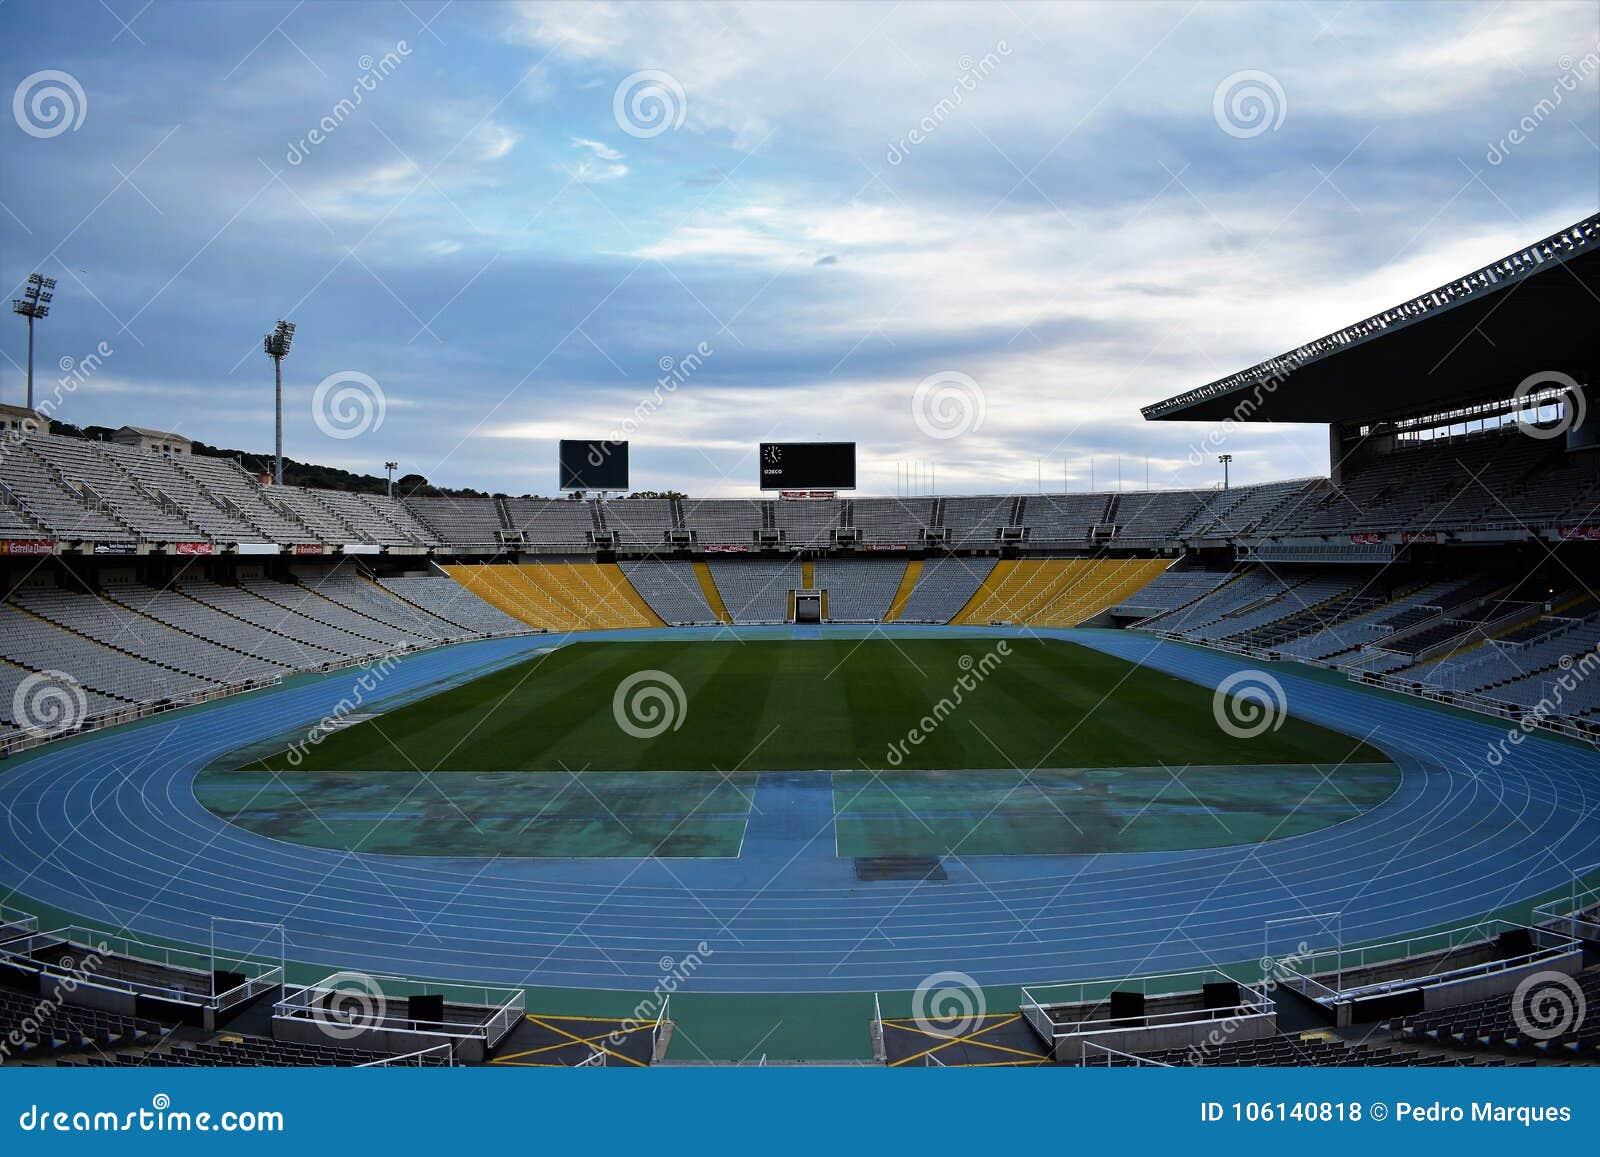 El Estadio Olimpico Barcelona Juegos Olimpicos De 1992 Foto De